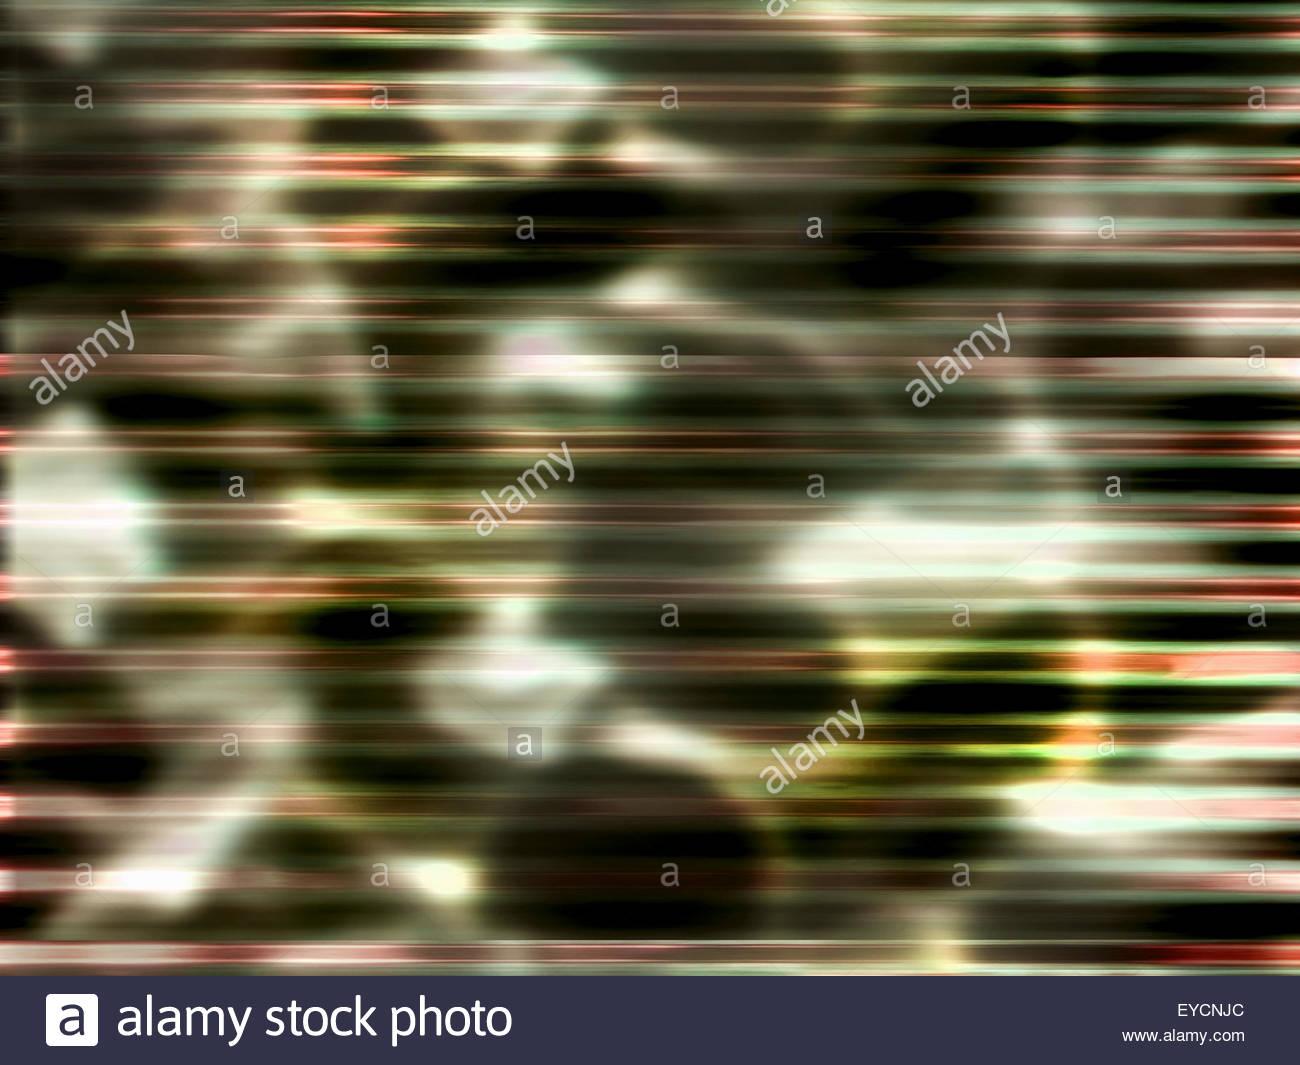 Bewegungsunschärfe abstrakten Hintergrund Streifenmuster Stockbild